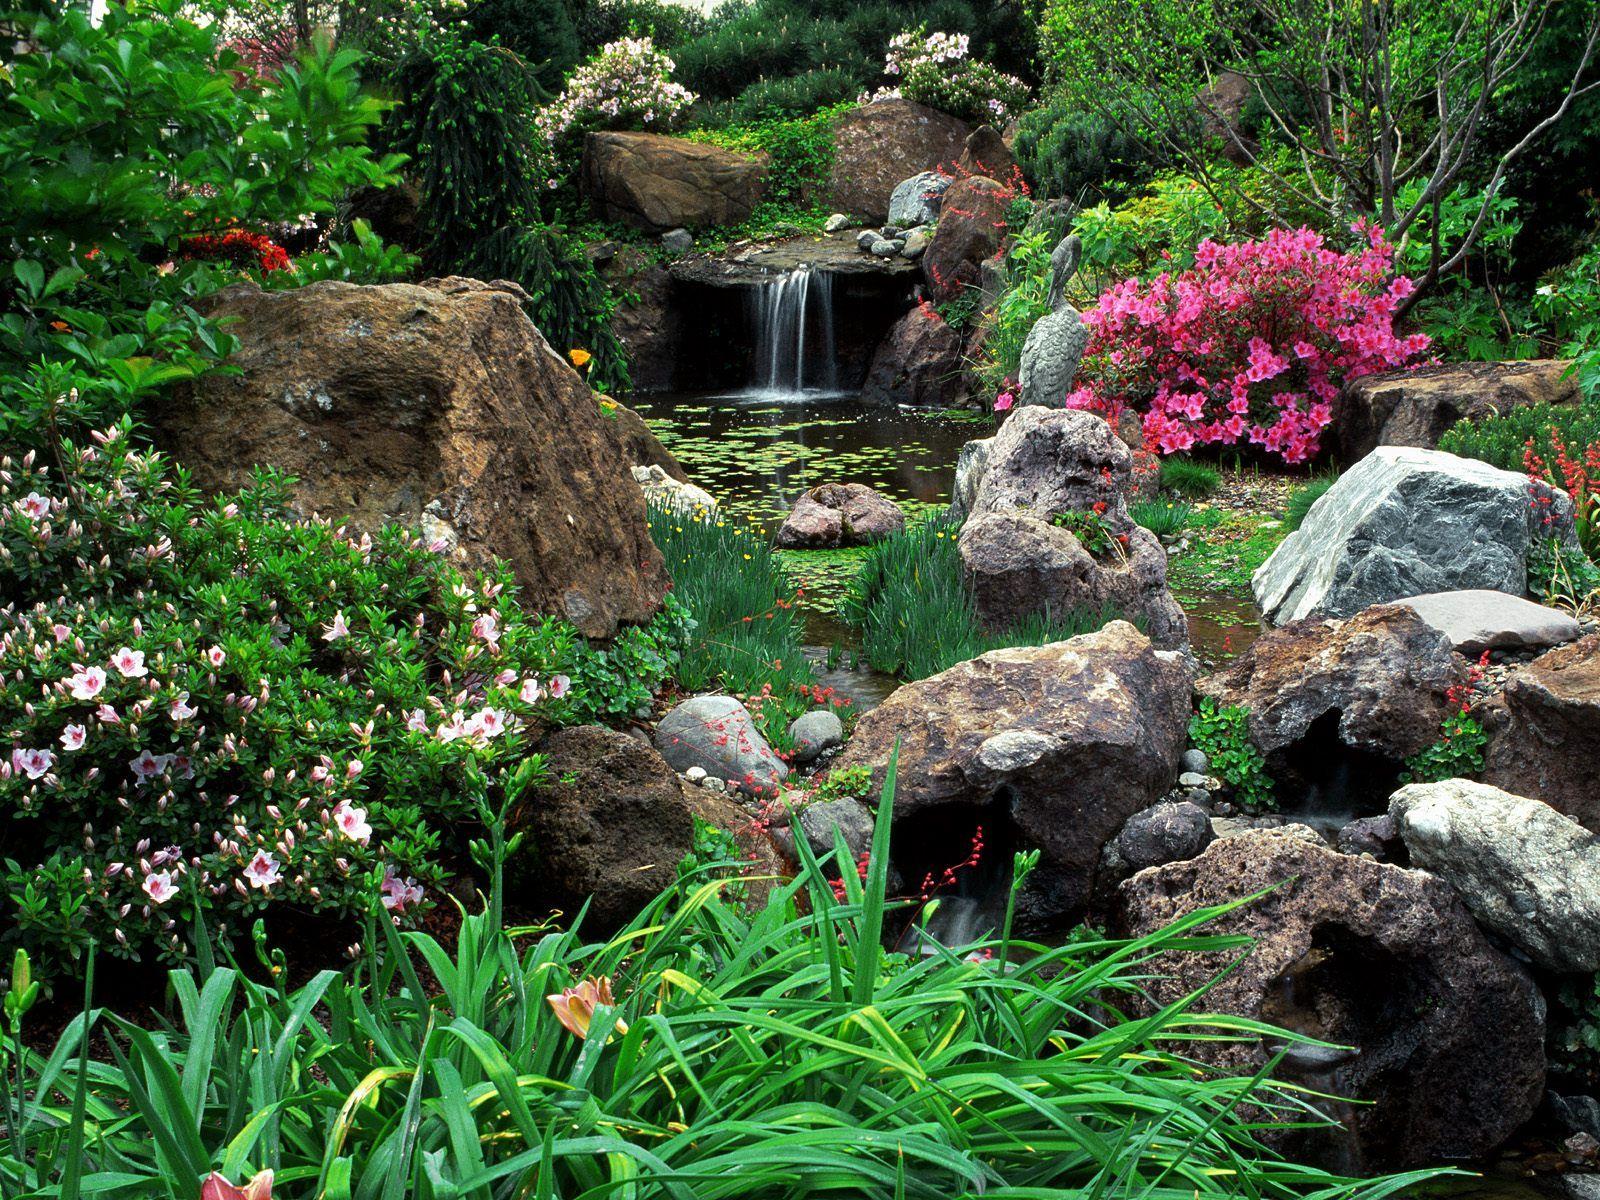 Pictures Of Sonoma County Ca Ferrari Carano Gardens Sonoma County California Backyard Landscaping Beautiful Gardens Garden Design